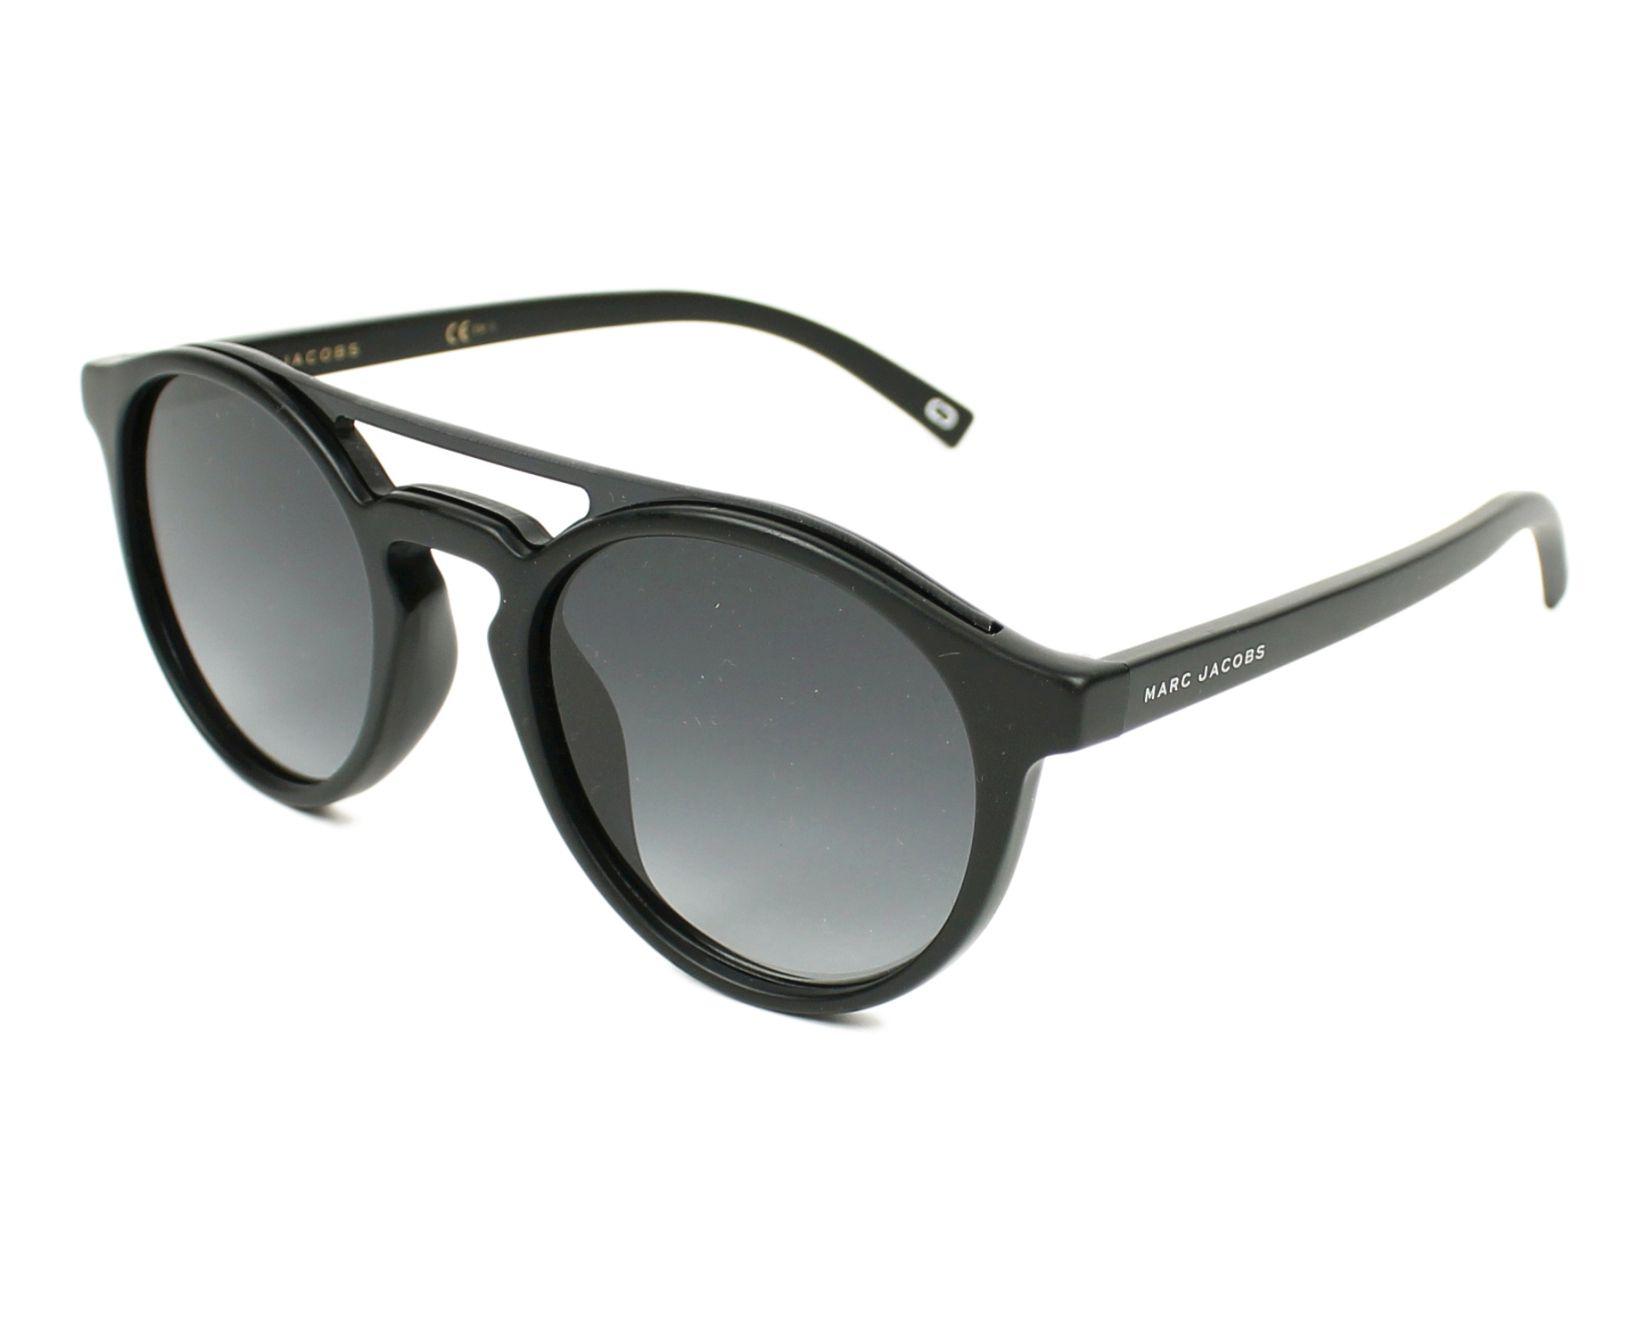 c906b4330889c Trouvez vos lunettes de soleil Marc Jacobs en promotion toute l année